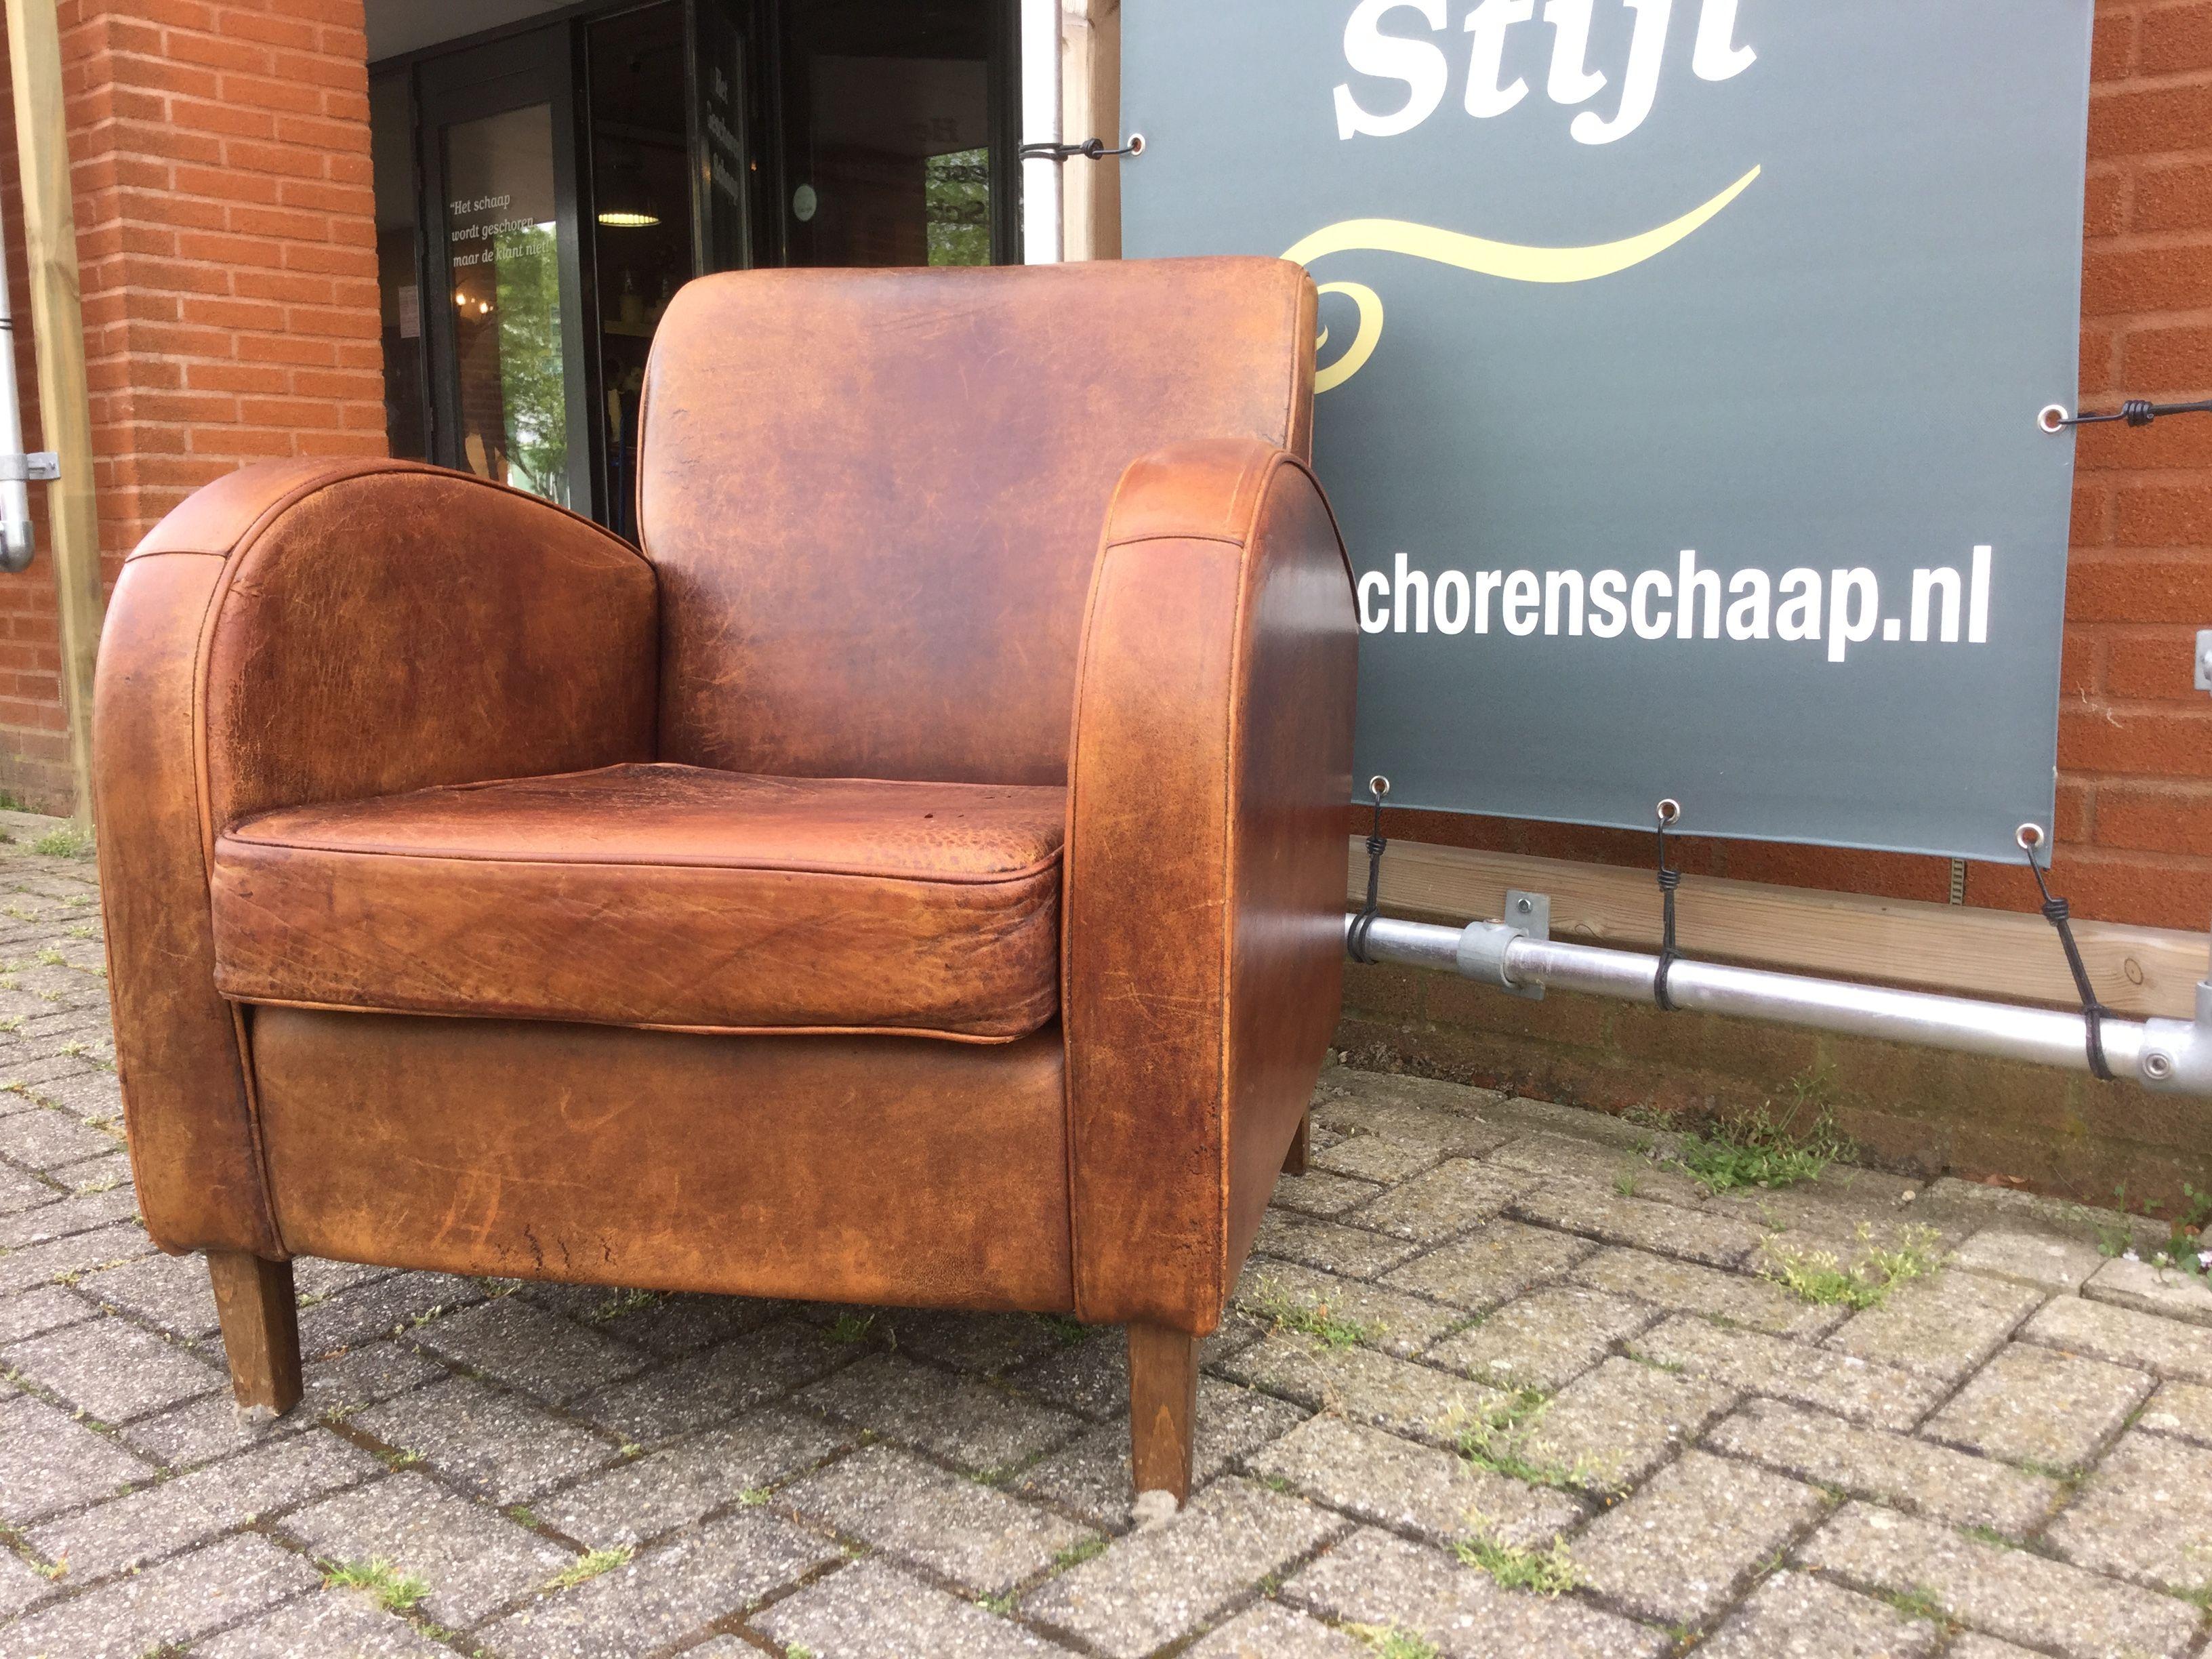 Kings Design Schapenleren Bank.Vintage Schapenleren Wagenwiel Fauteuil King S Design Cognac Kleur